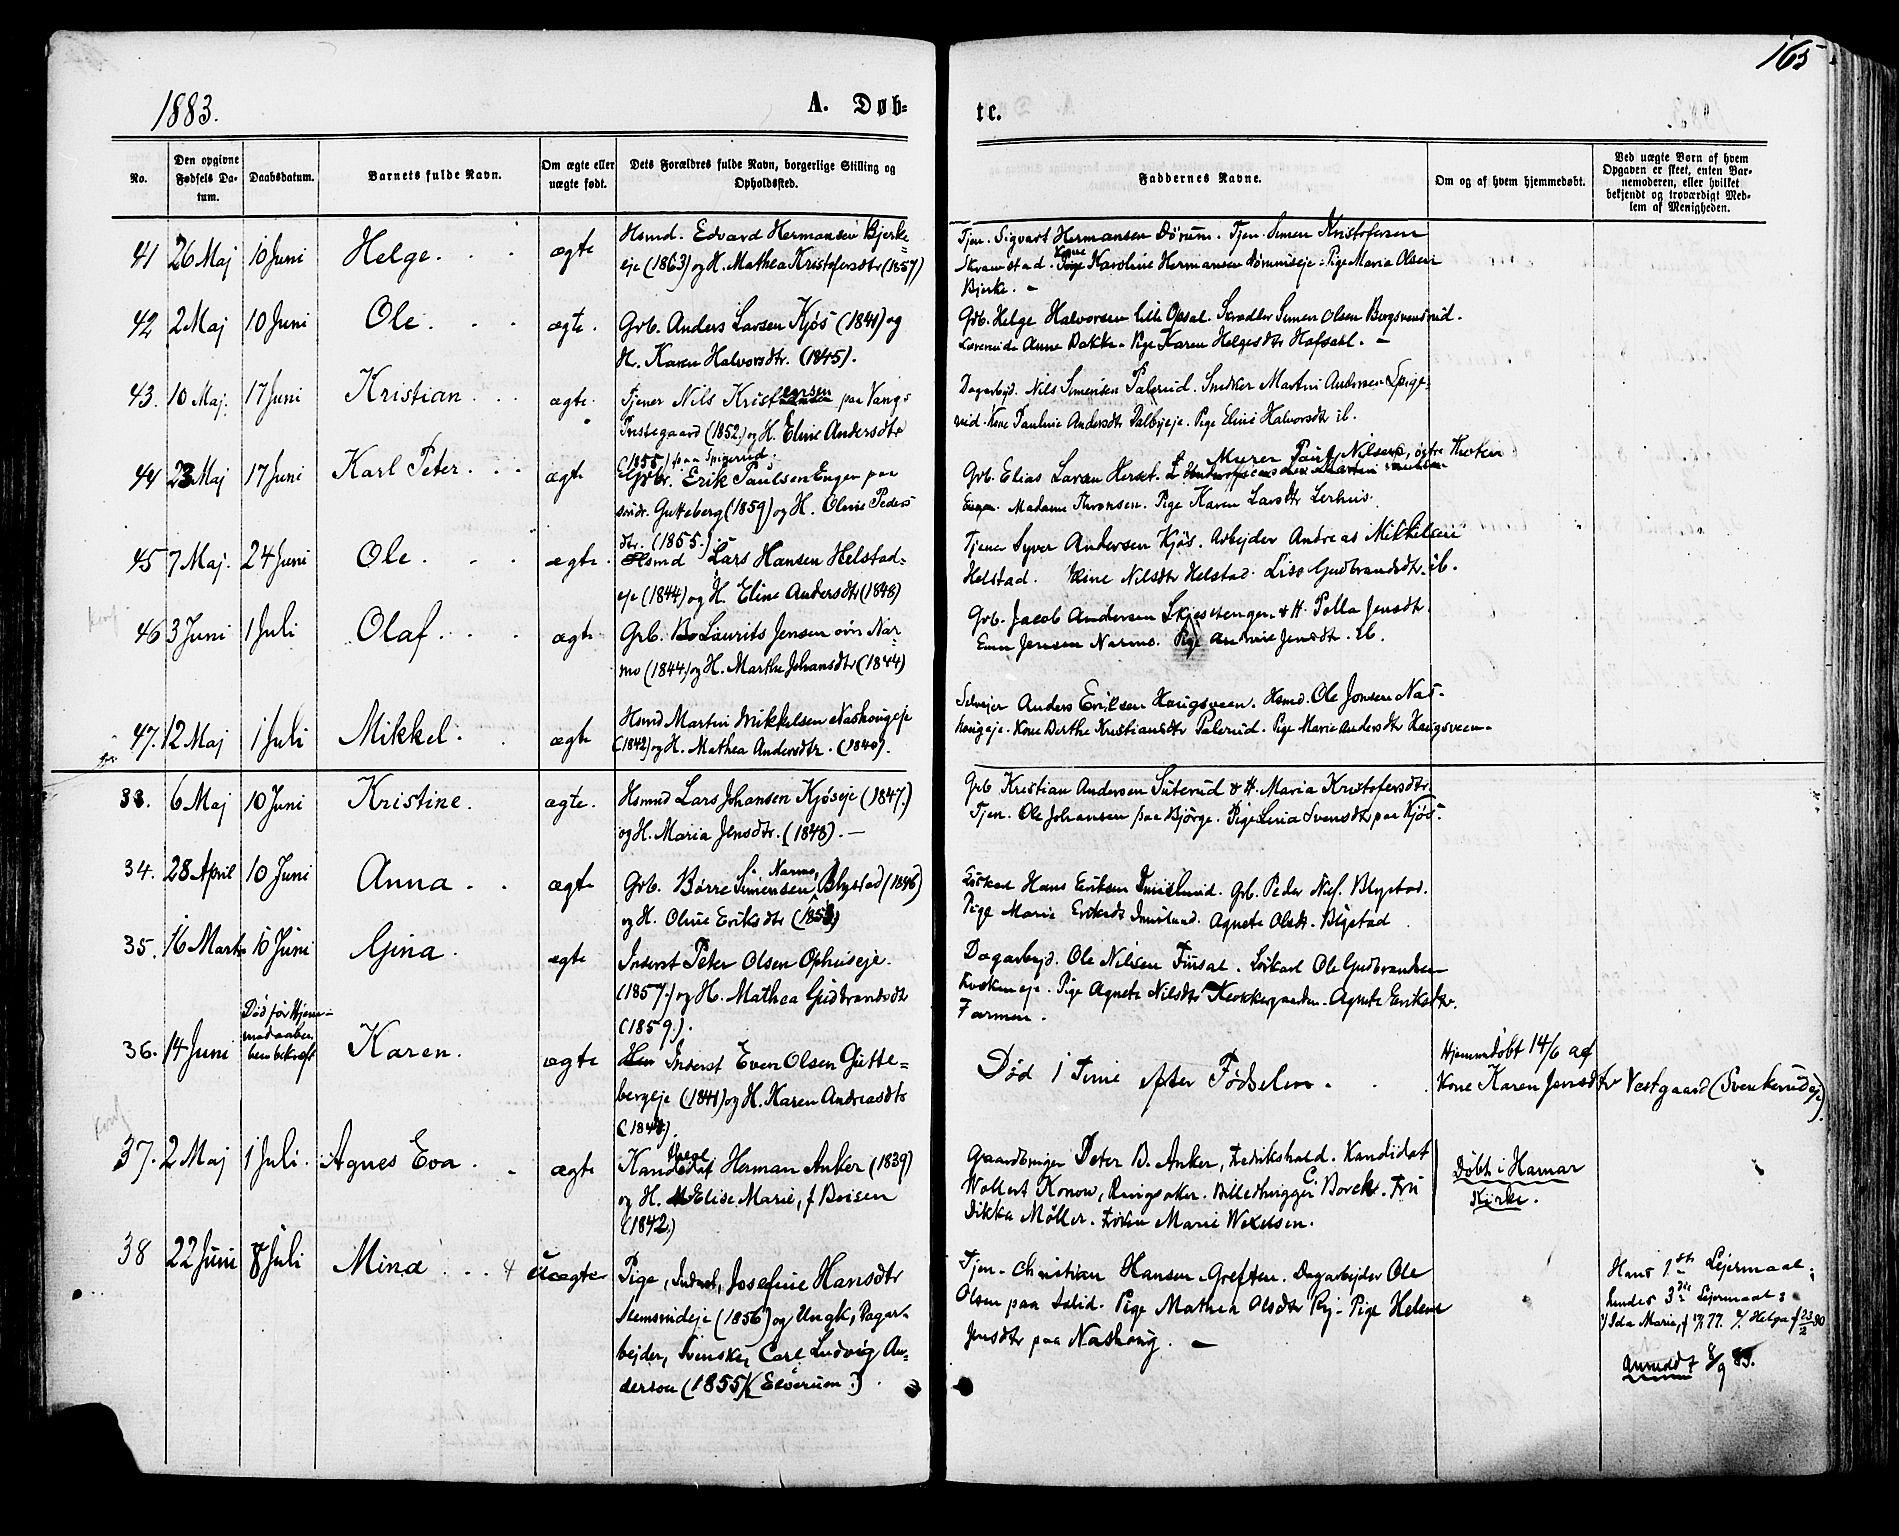 SAH, Vang prestekontor, Hedmark, H/Ha/Haa/L0015: Ministerialbok nr. 15, 1871-1885, s. 165